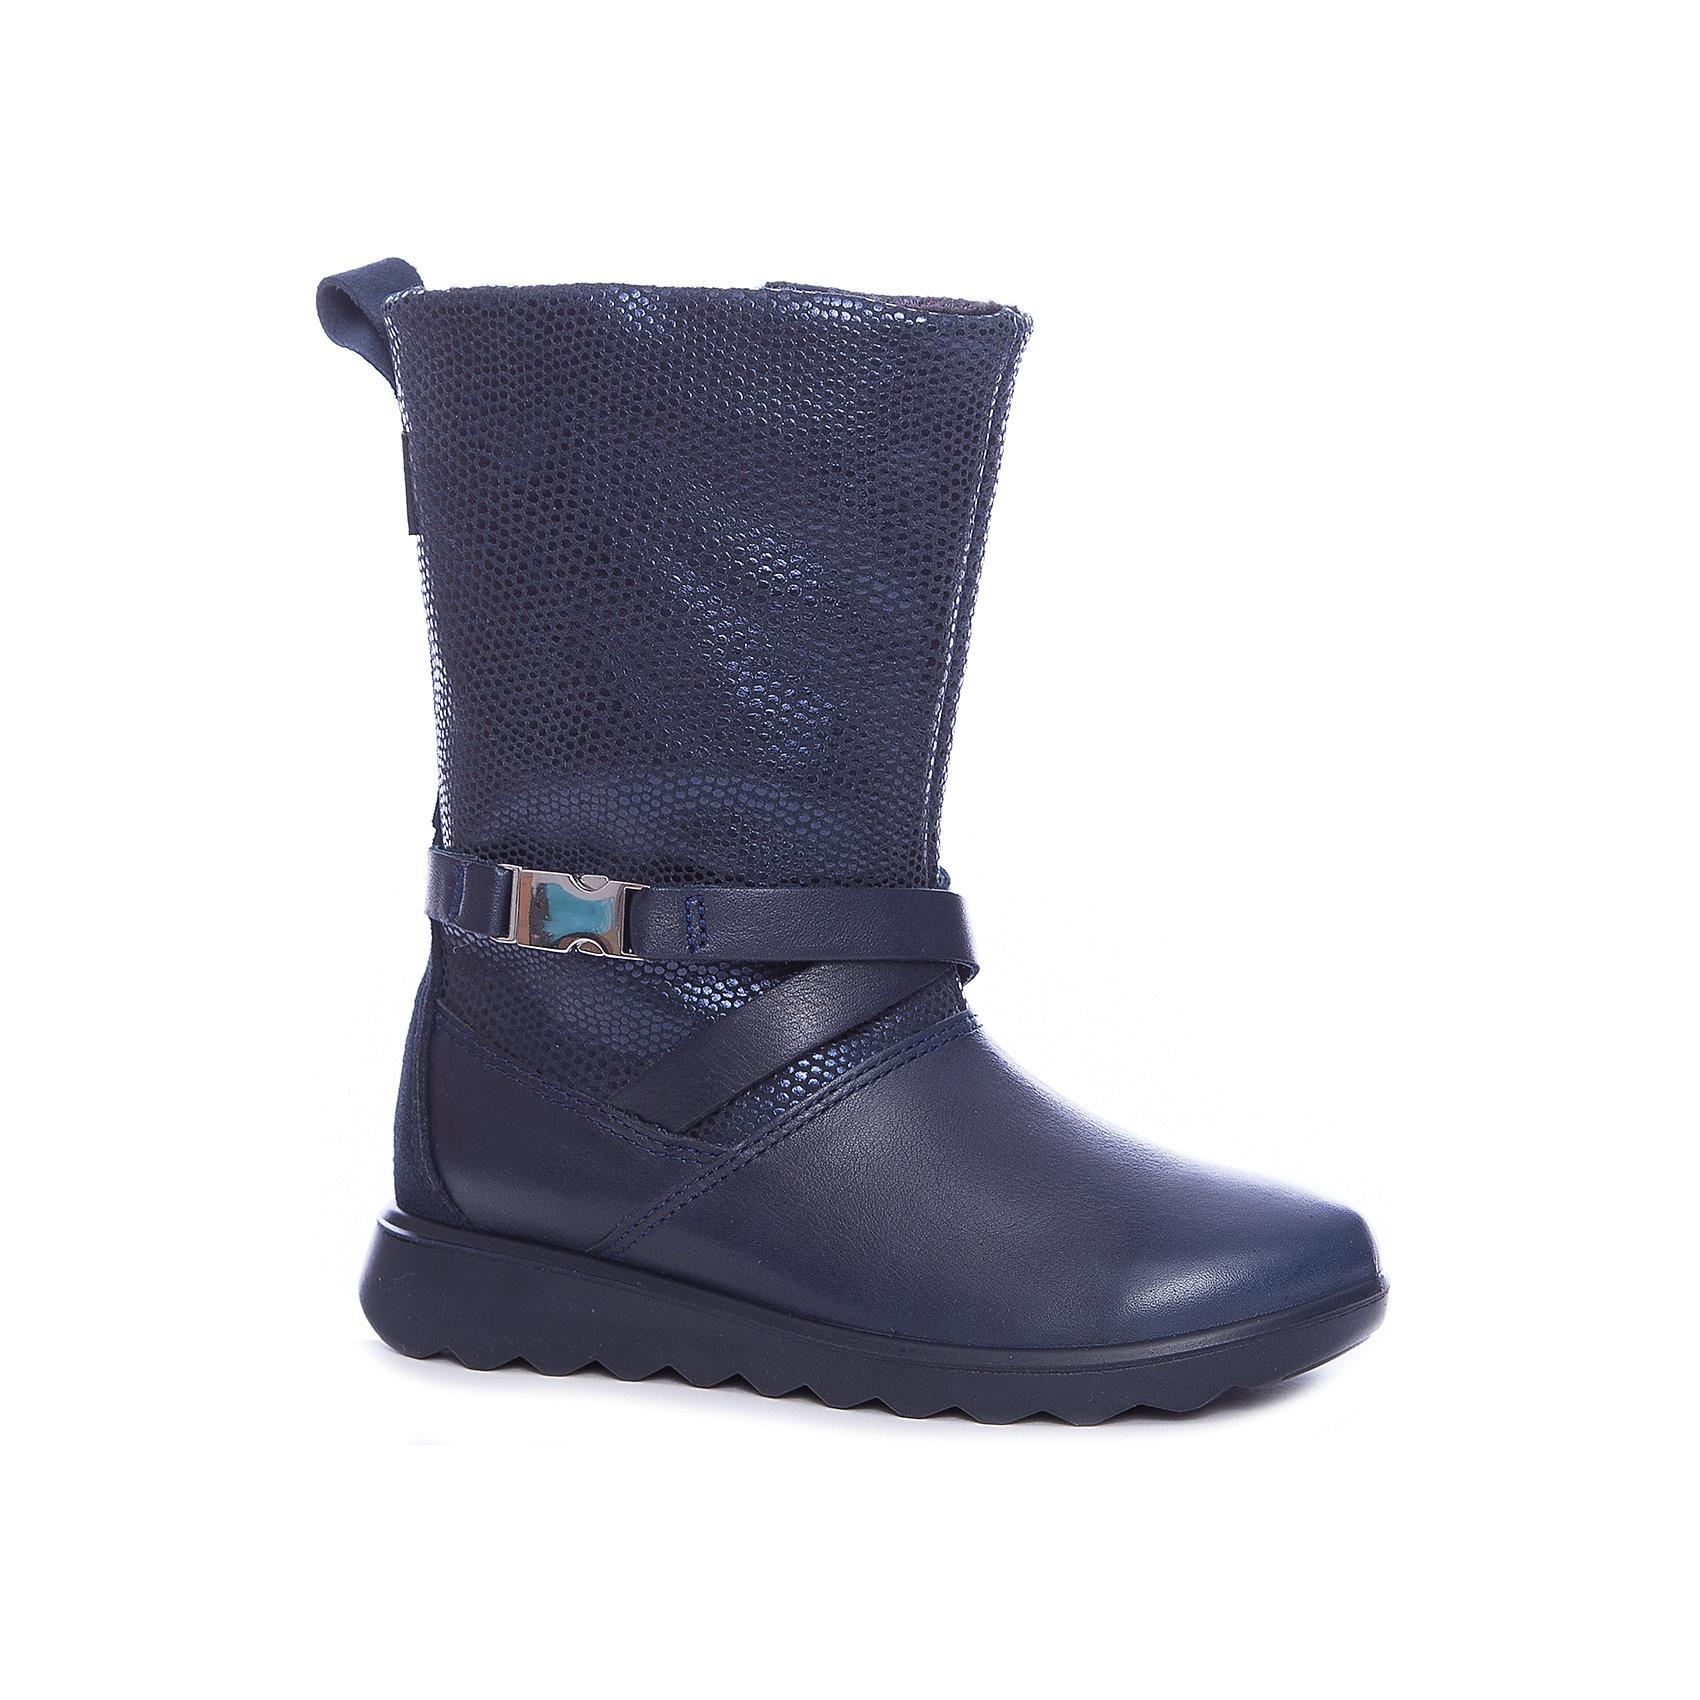 Сапоги ECCO для девочкиСапоги<br>Сапоги ECCO<br>Эти уютные детские ботинки достойны стать модным дополнением любого гардероба благодаря современной отделке и сочетанию натуральной замши и текстиля. Теплая подкладка и водонепроницаемая мембрана GORE-TEX® обеспечивают сухость и комфорт в зимнее время. Молния с внутренней стороны гарантирует, что их легко будет надевать и снимать, а амортизированная подошва смягчает воздействие на стопу при каждом шаге.<br>Состав:<br>Материал верха: кожа/замша<br>Материал подкладки: 60% Акрил 40% Полиэстер<br>Материал стельки: 100% п/э<br><br>Ширина мм: 257<br>Глубина мм: 180<br>Высота мм: 130<br>Вес г: 420<br>Цвет: синий<br>Возраст от месяцев: 48<br>Возраст до месяцев: 60<br>Пол: Женский<br>Возраст: Детский<br>Размер: 28,29,30,31,34,27<br>SKU: 7129819